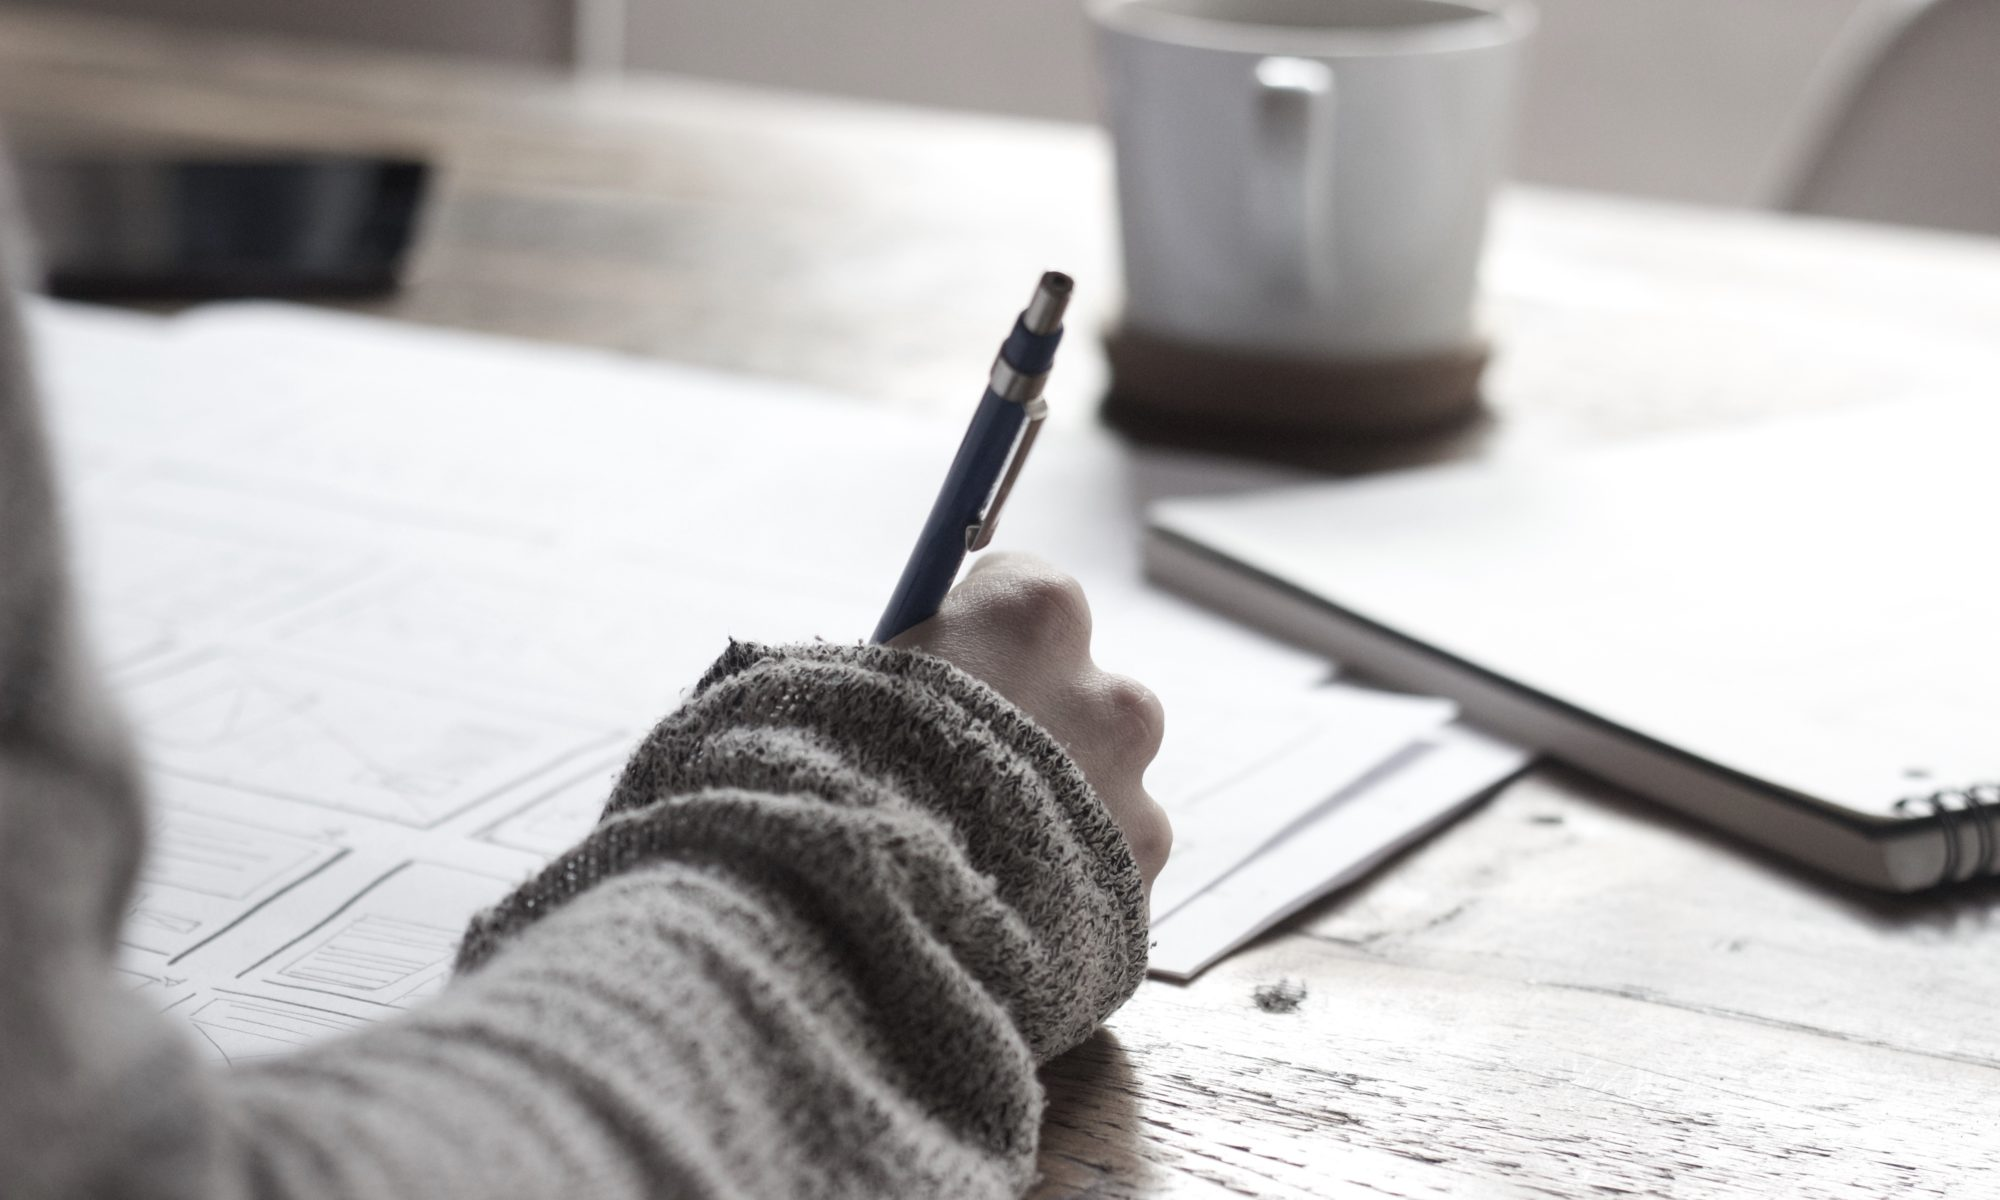 Studente schrijft een scriptie zonder stress, zodat ze snel kan afstuderen.